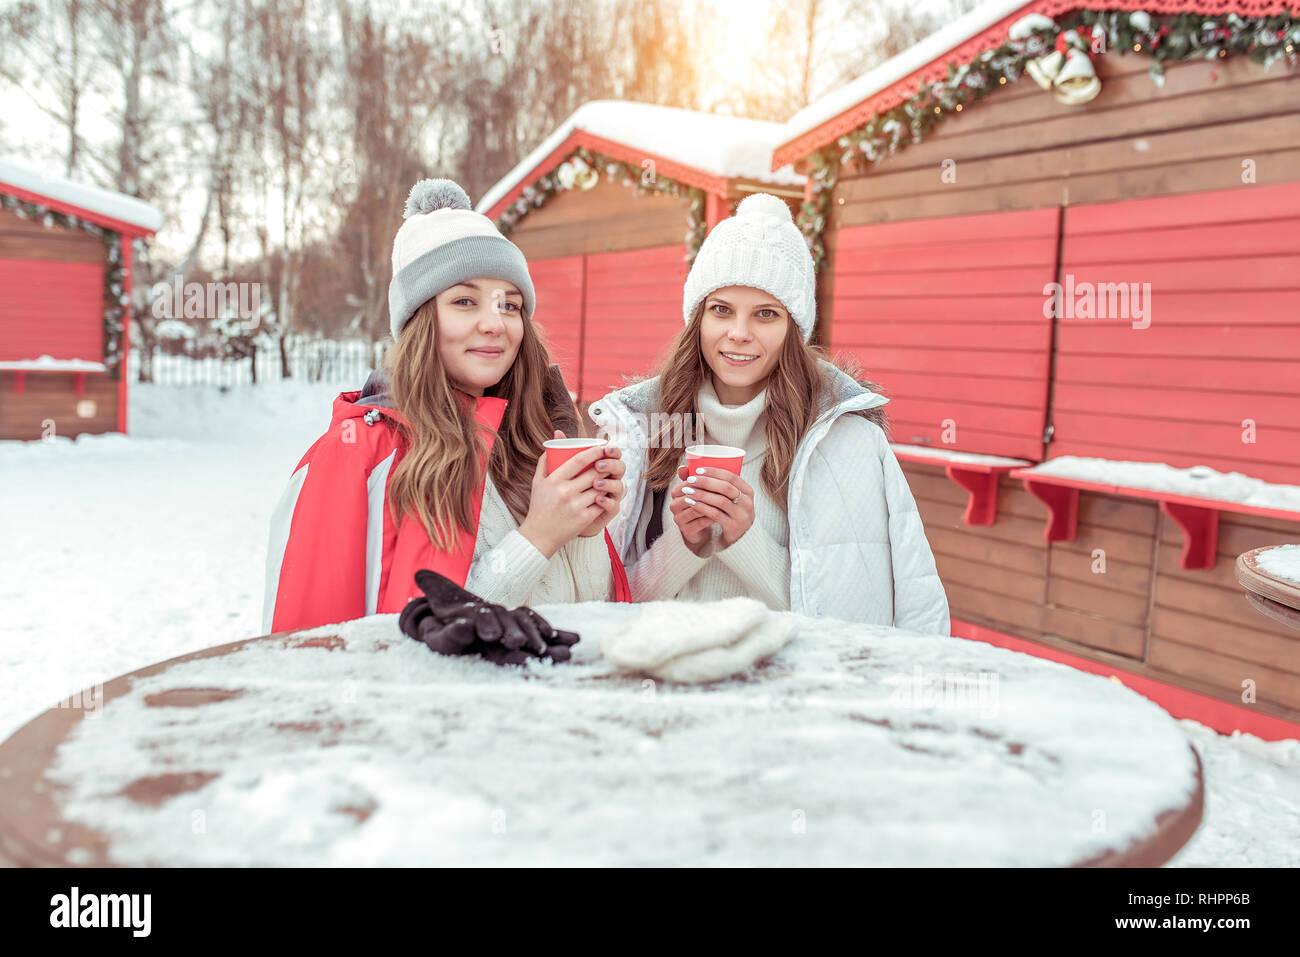 Filles adolescentes photos chaudes